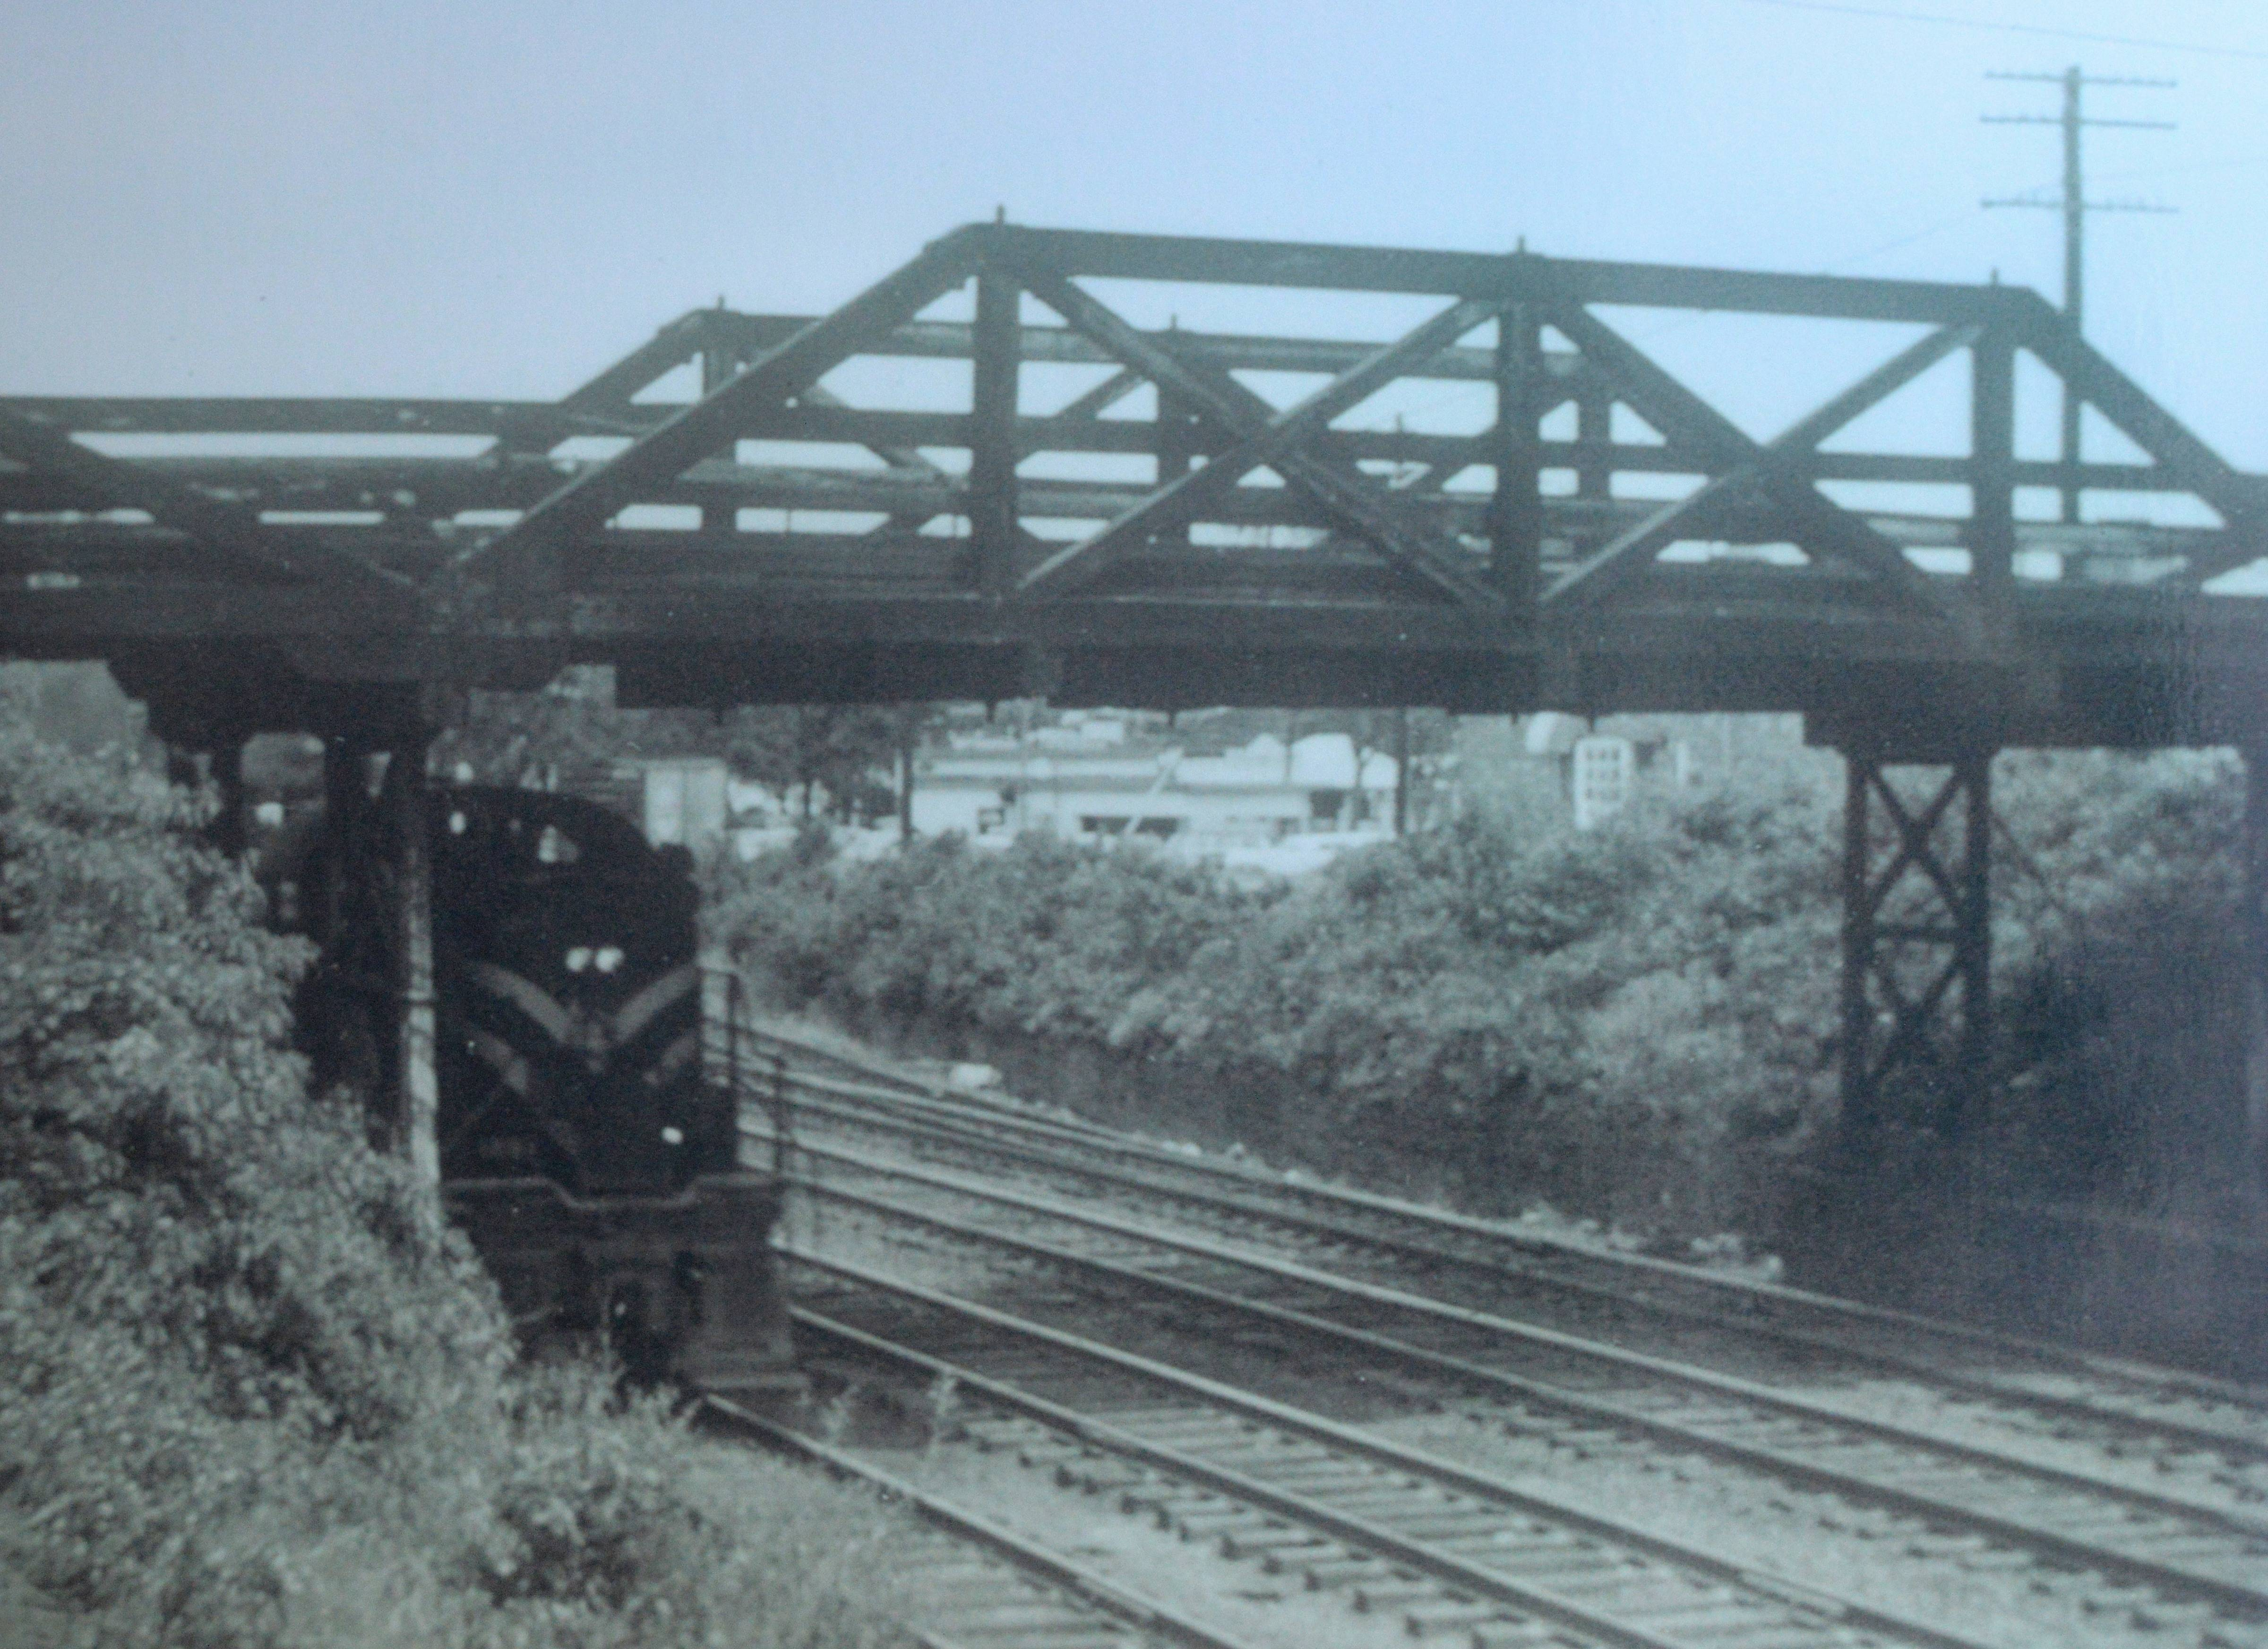 4bfedd254266681ebf0a_Sheelen_s_Crossing_bridge.JPG